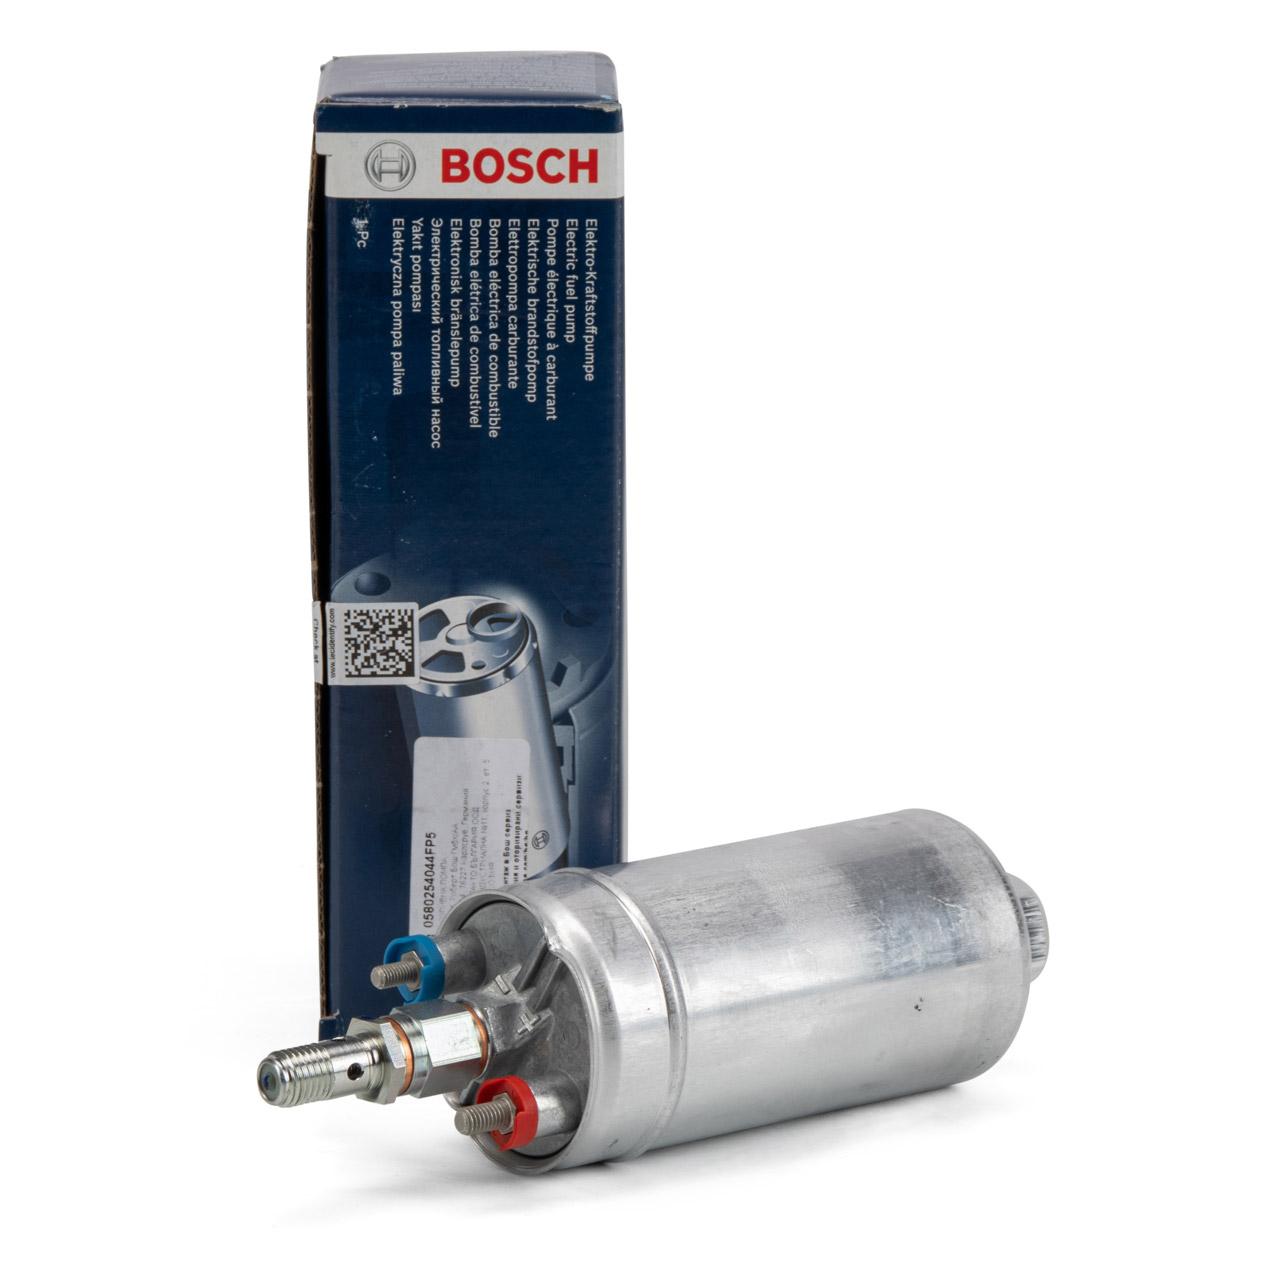 BOSCH 0580254044 Kraftstoffpumpe für PORSCHE 911 (993) 3.6 Carrera 272 / 286 PS